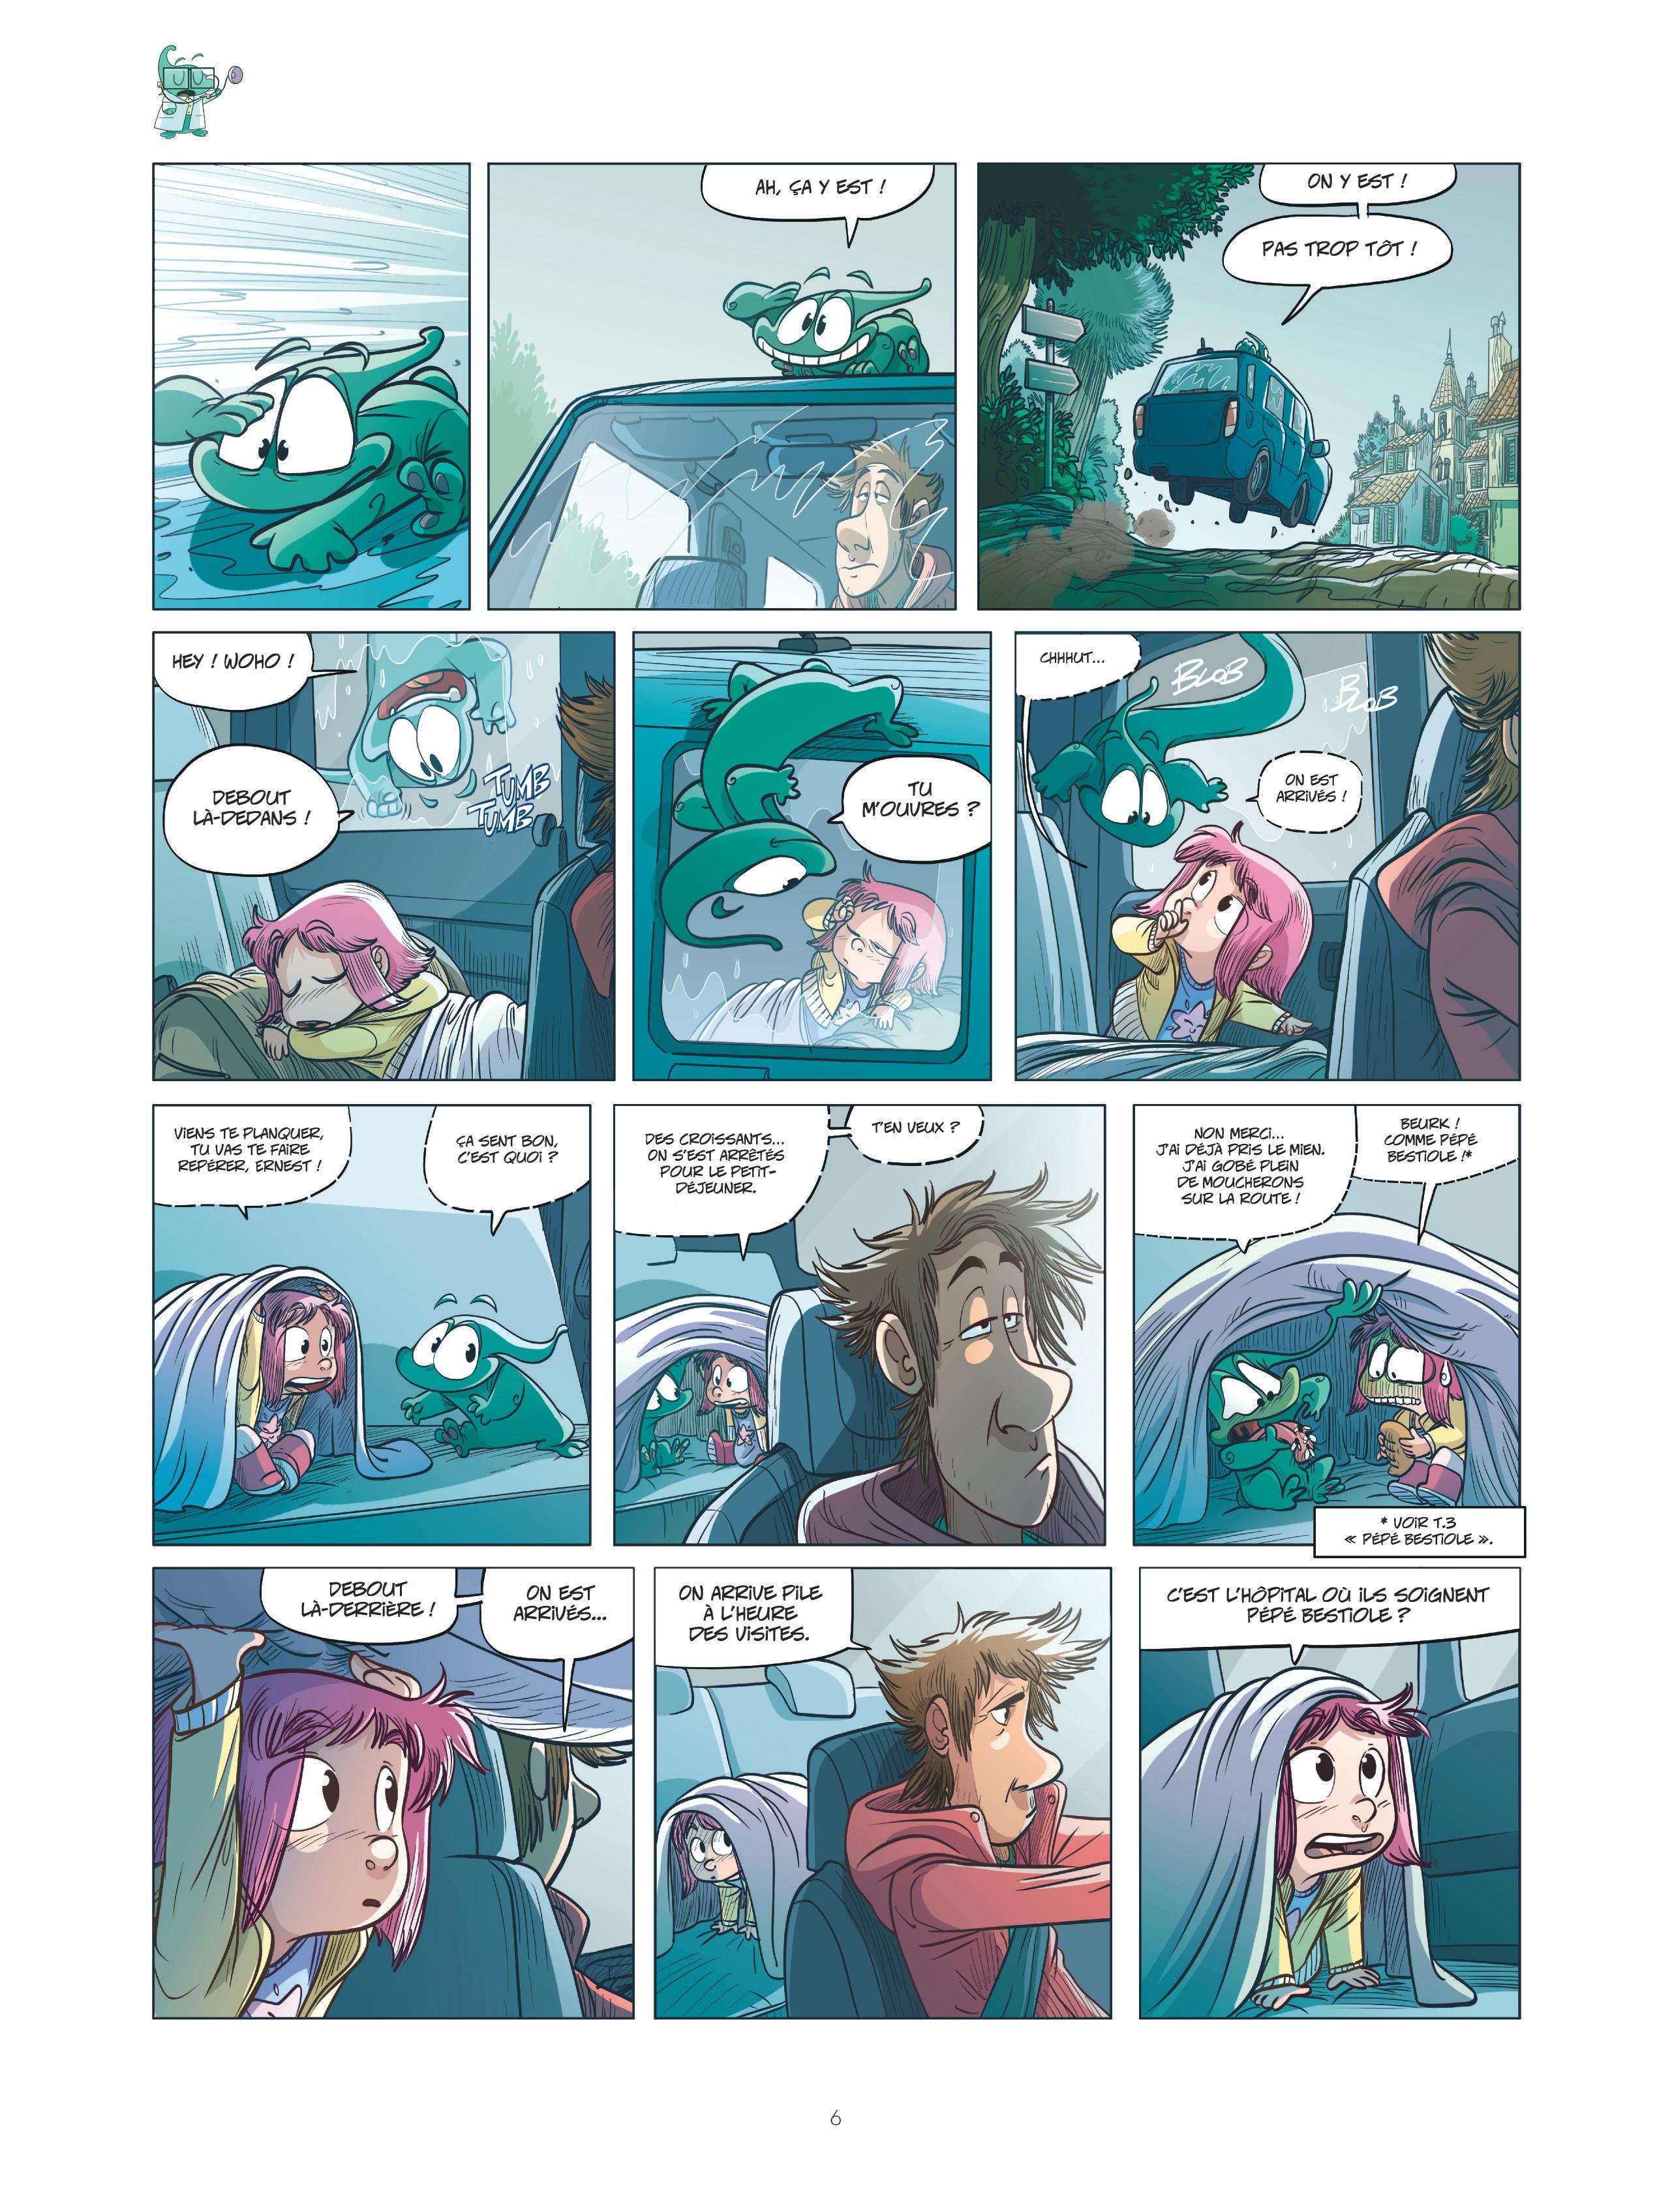 Ernest&Rebecca#6_Page 6